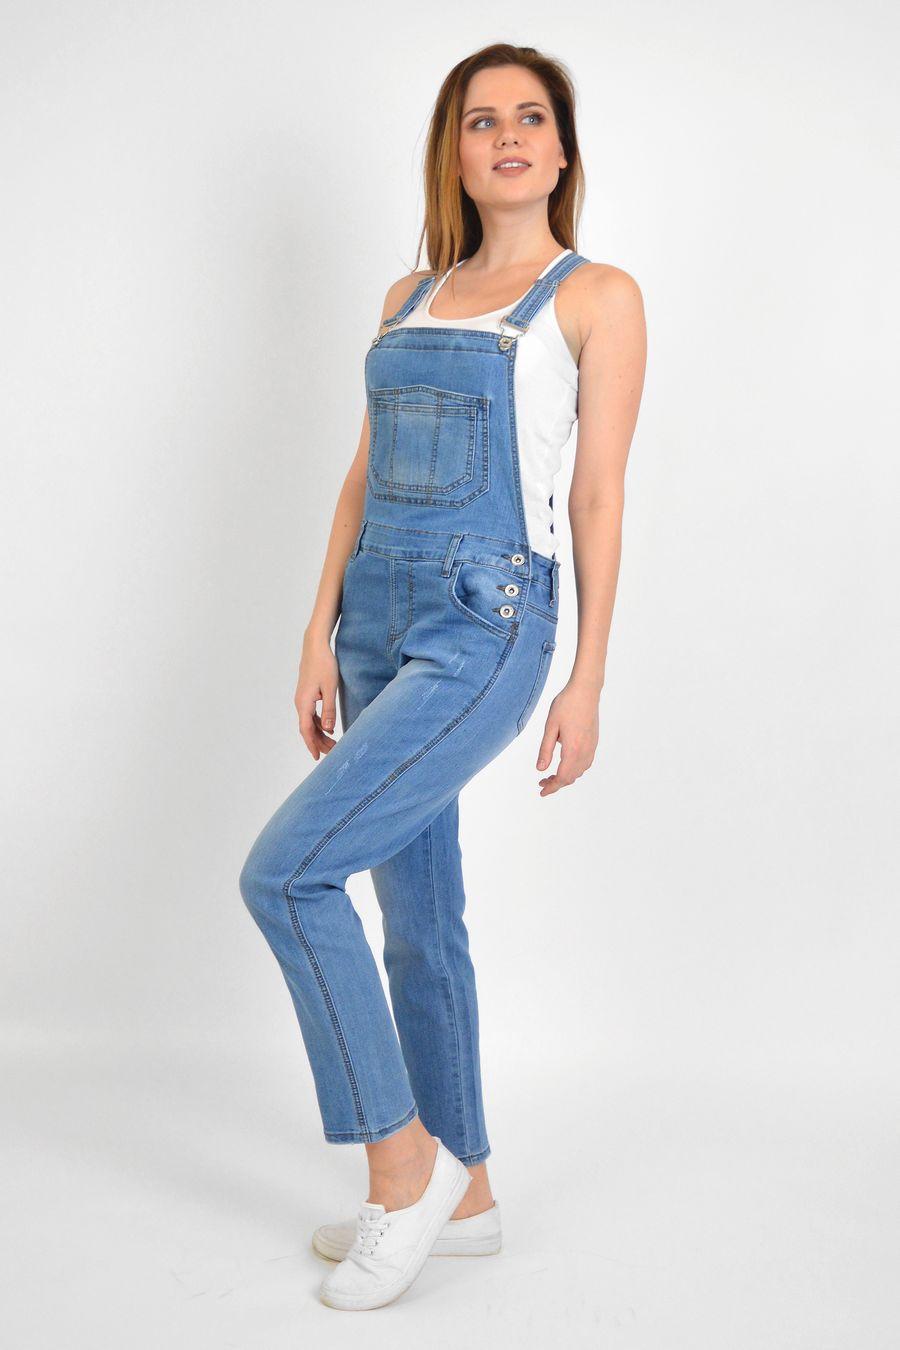 Комбинезон женский Baccino 3041 джинсовый - фото 1